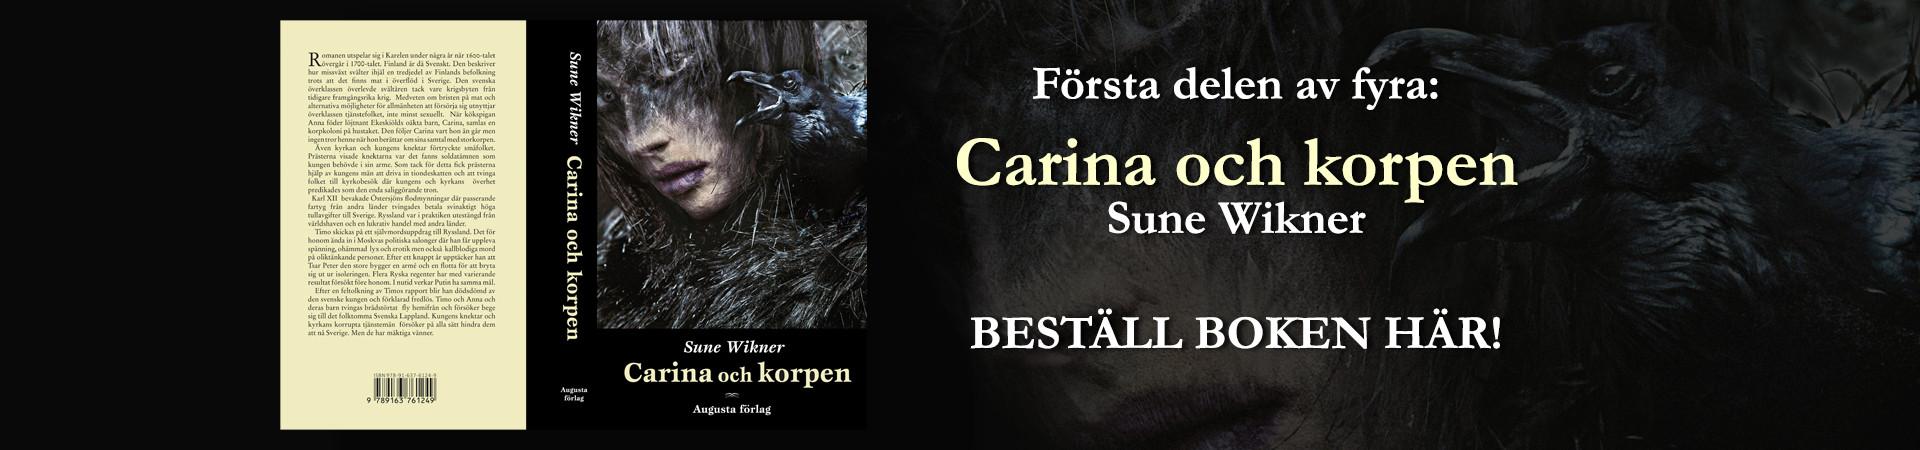 carina-korpen-augusta-bokforlag